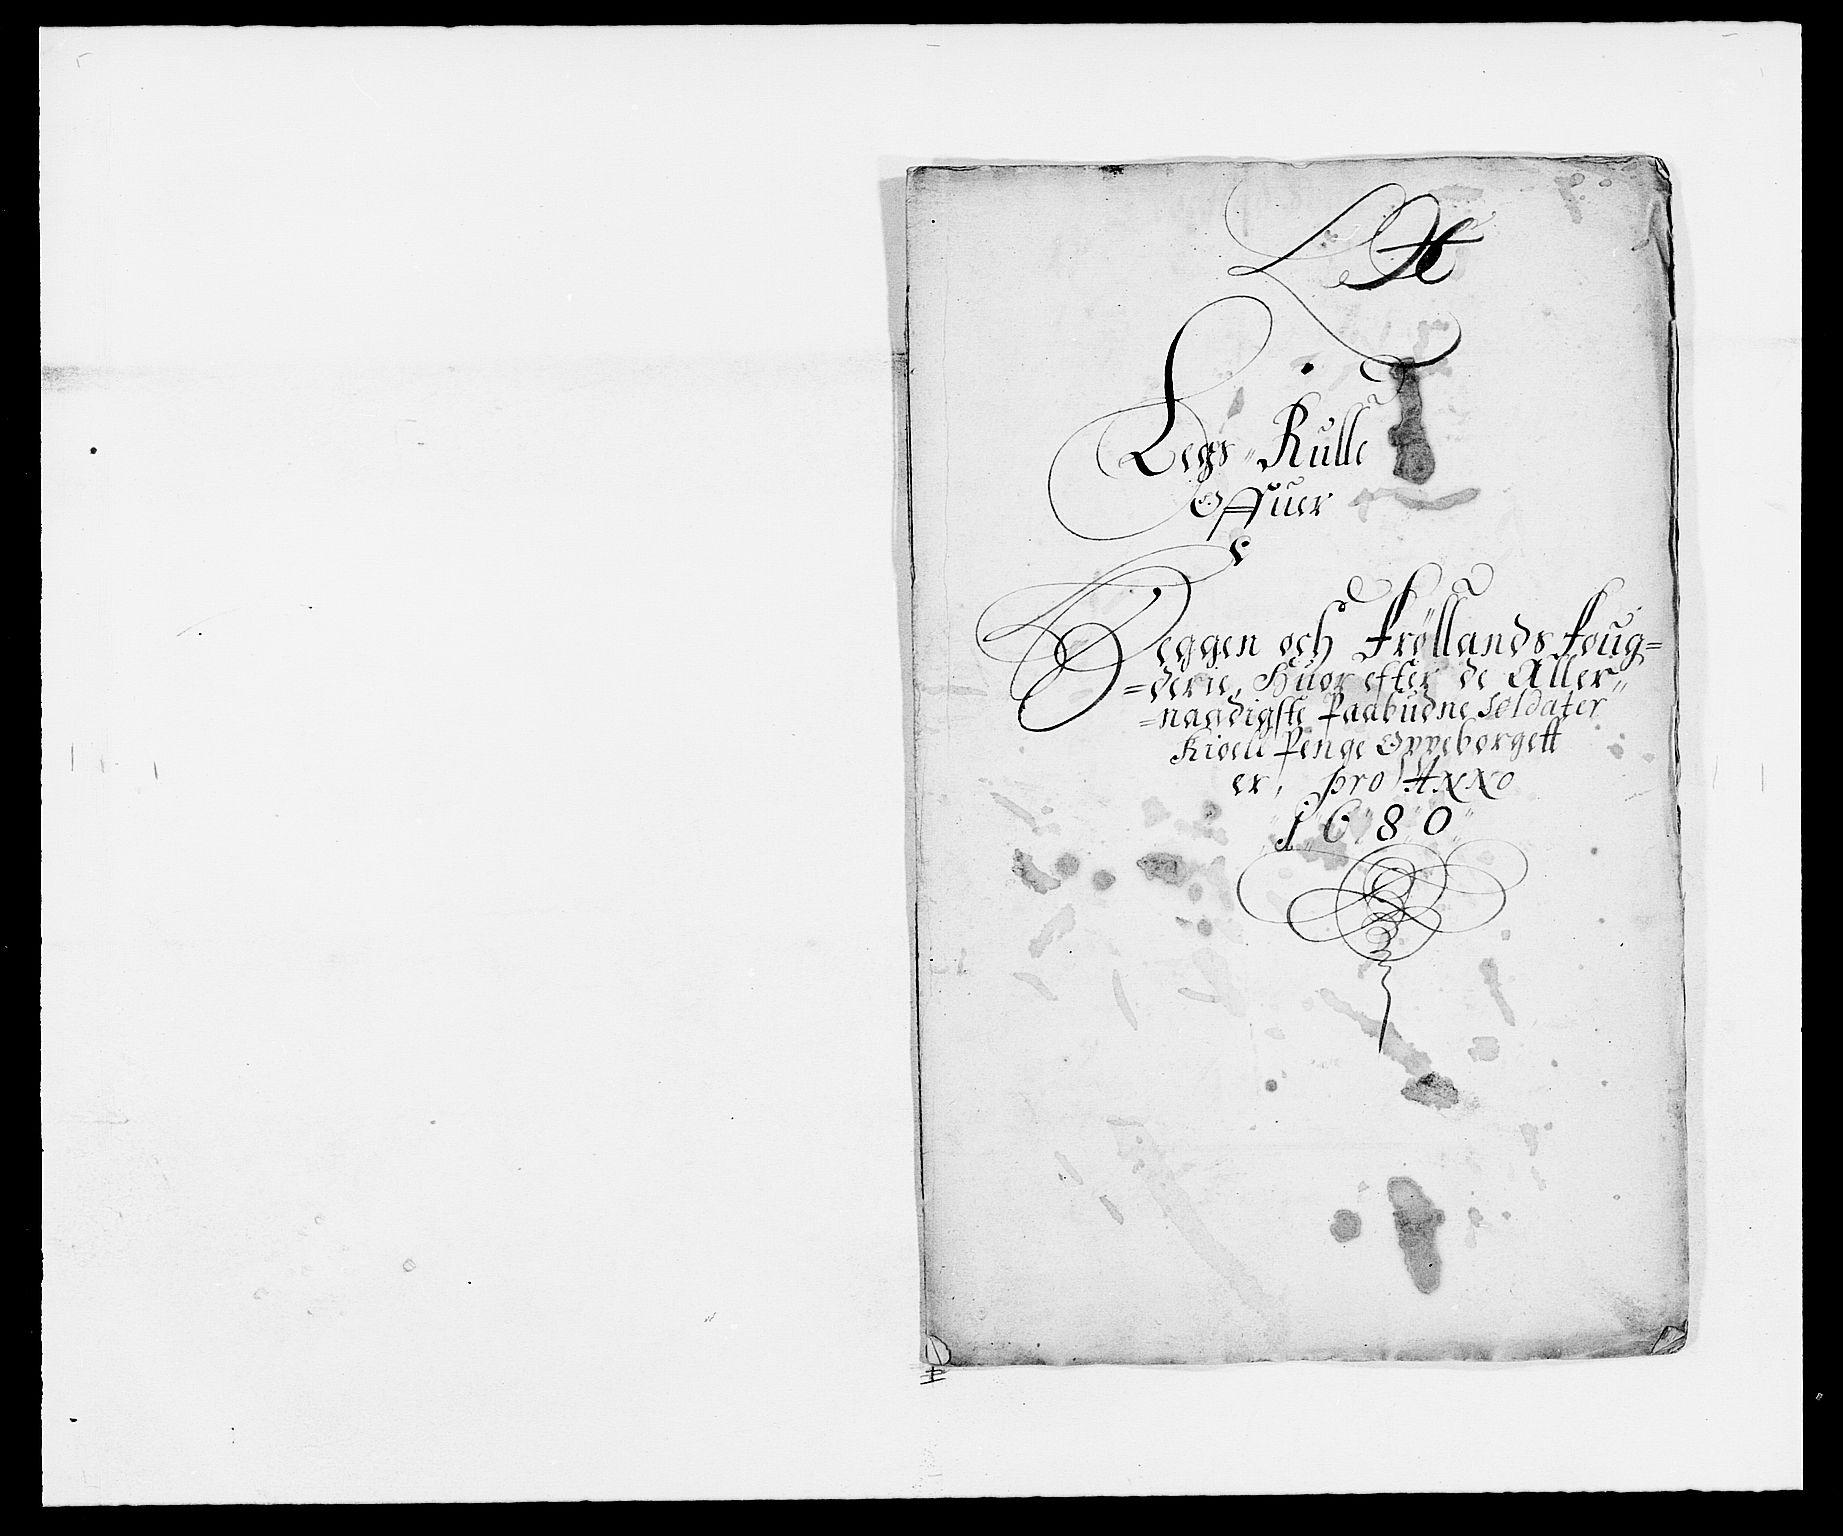 RA, Rentekammeret inntil 1814, Reviderte regnskaper, Fogderegnskap, R06/L0279: Fogderegnskap Heggen og Frøland, 1678-1680, s. 503